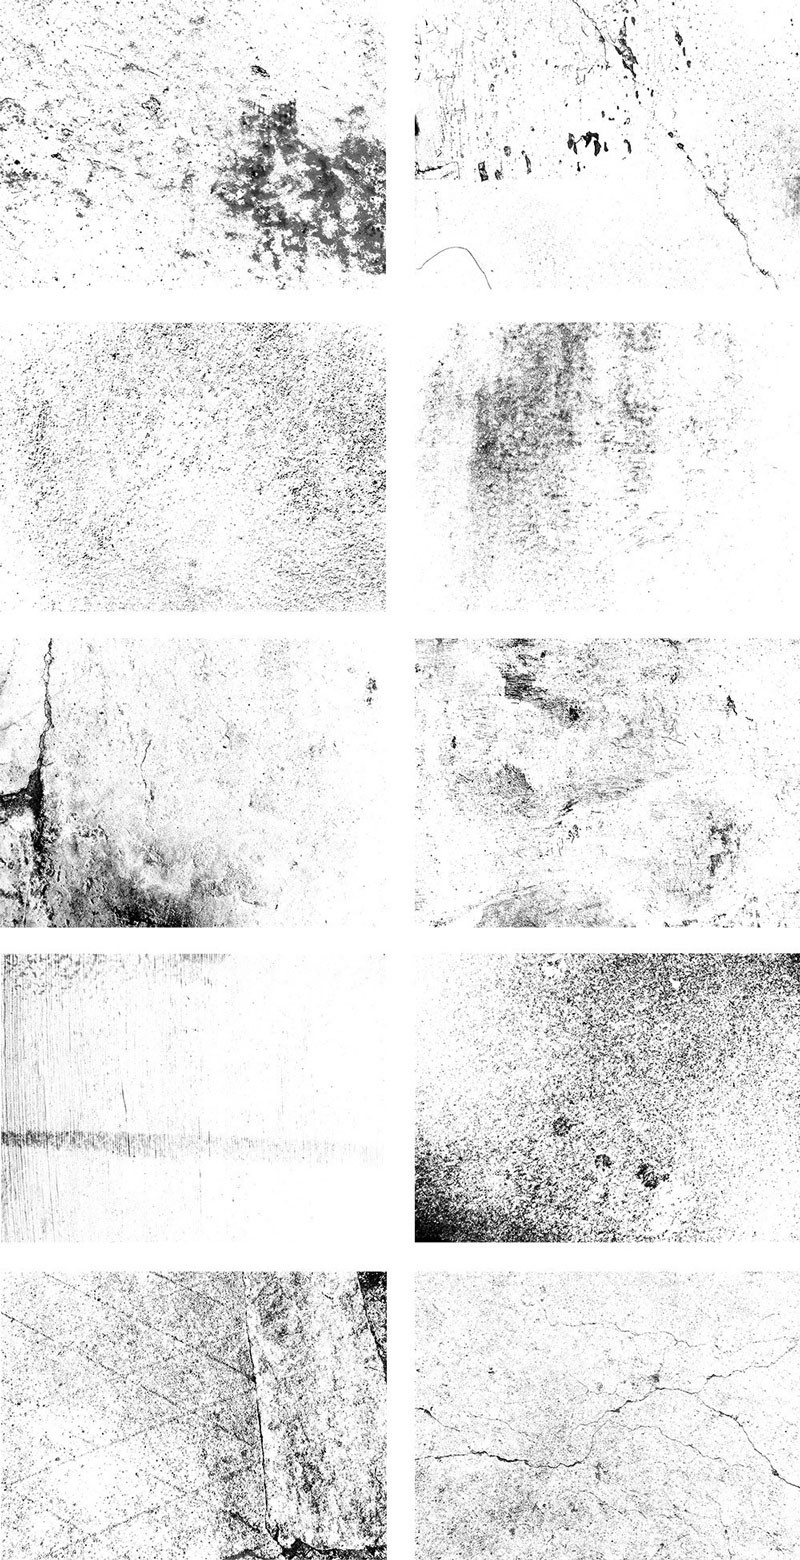 10种斑驳裂痕Photoshop笔刷